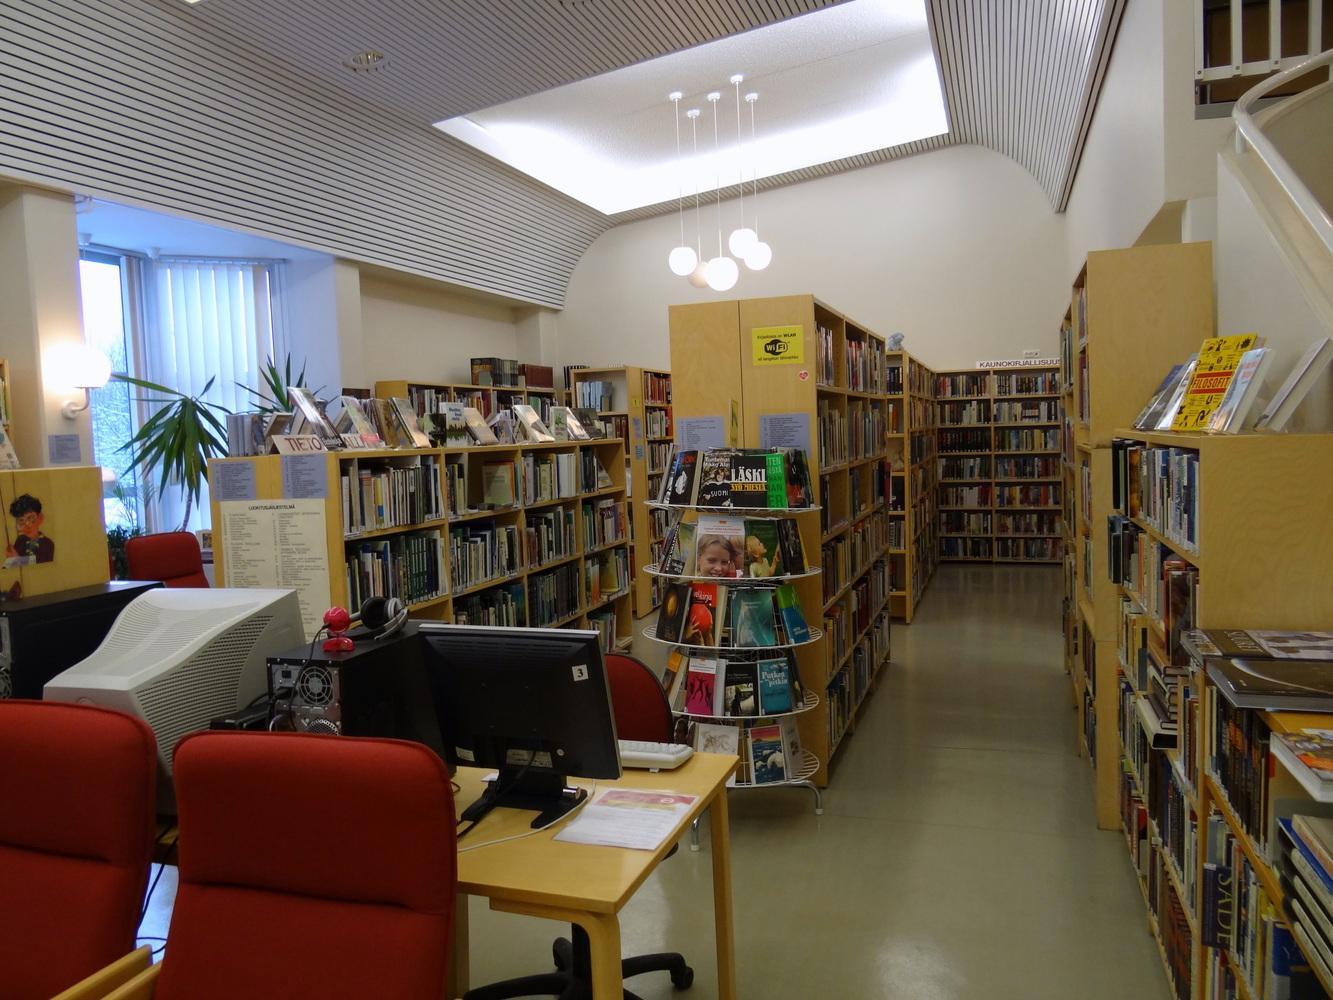 Kannonkoski Library